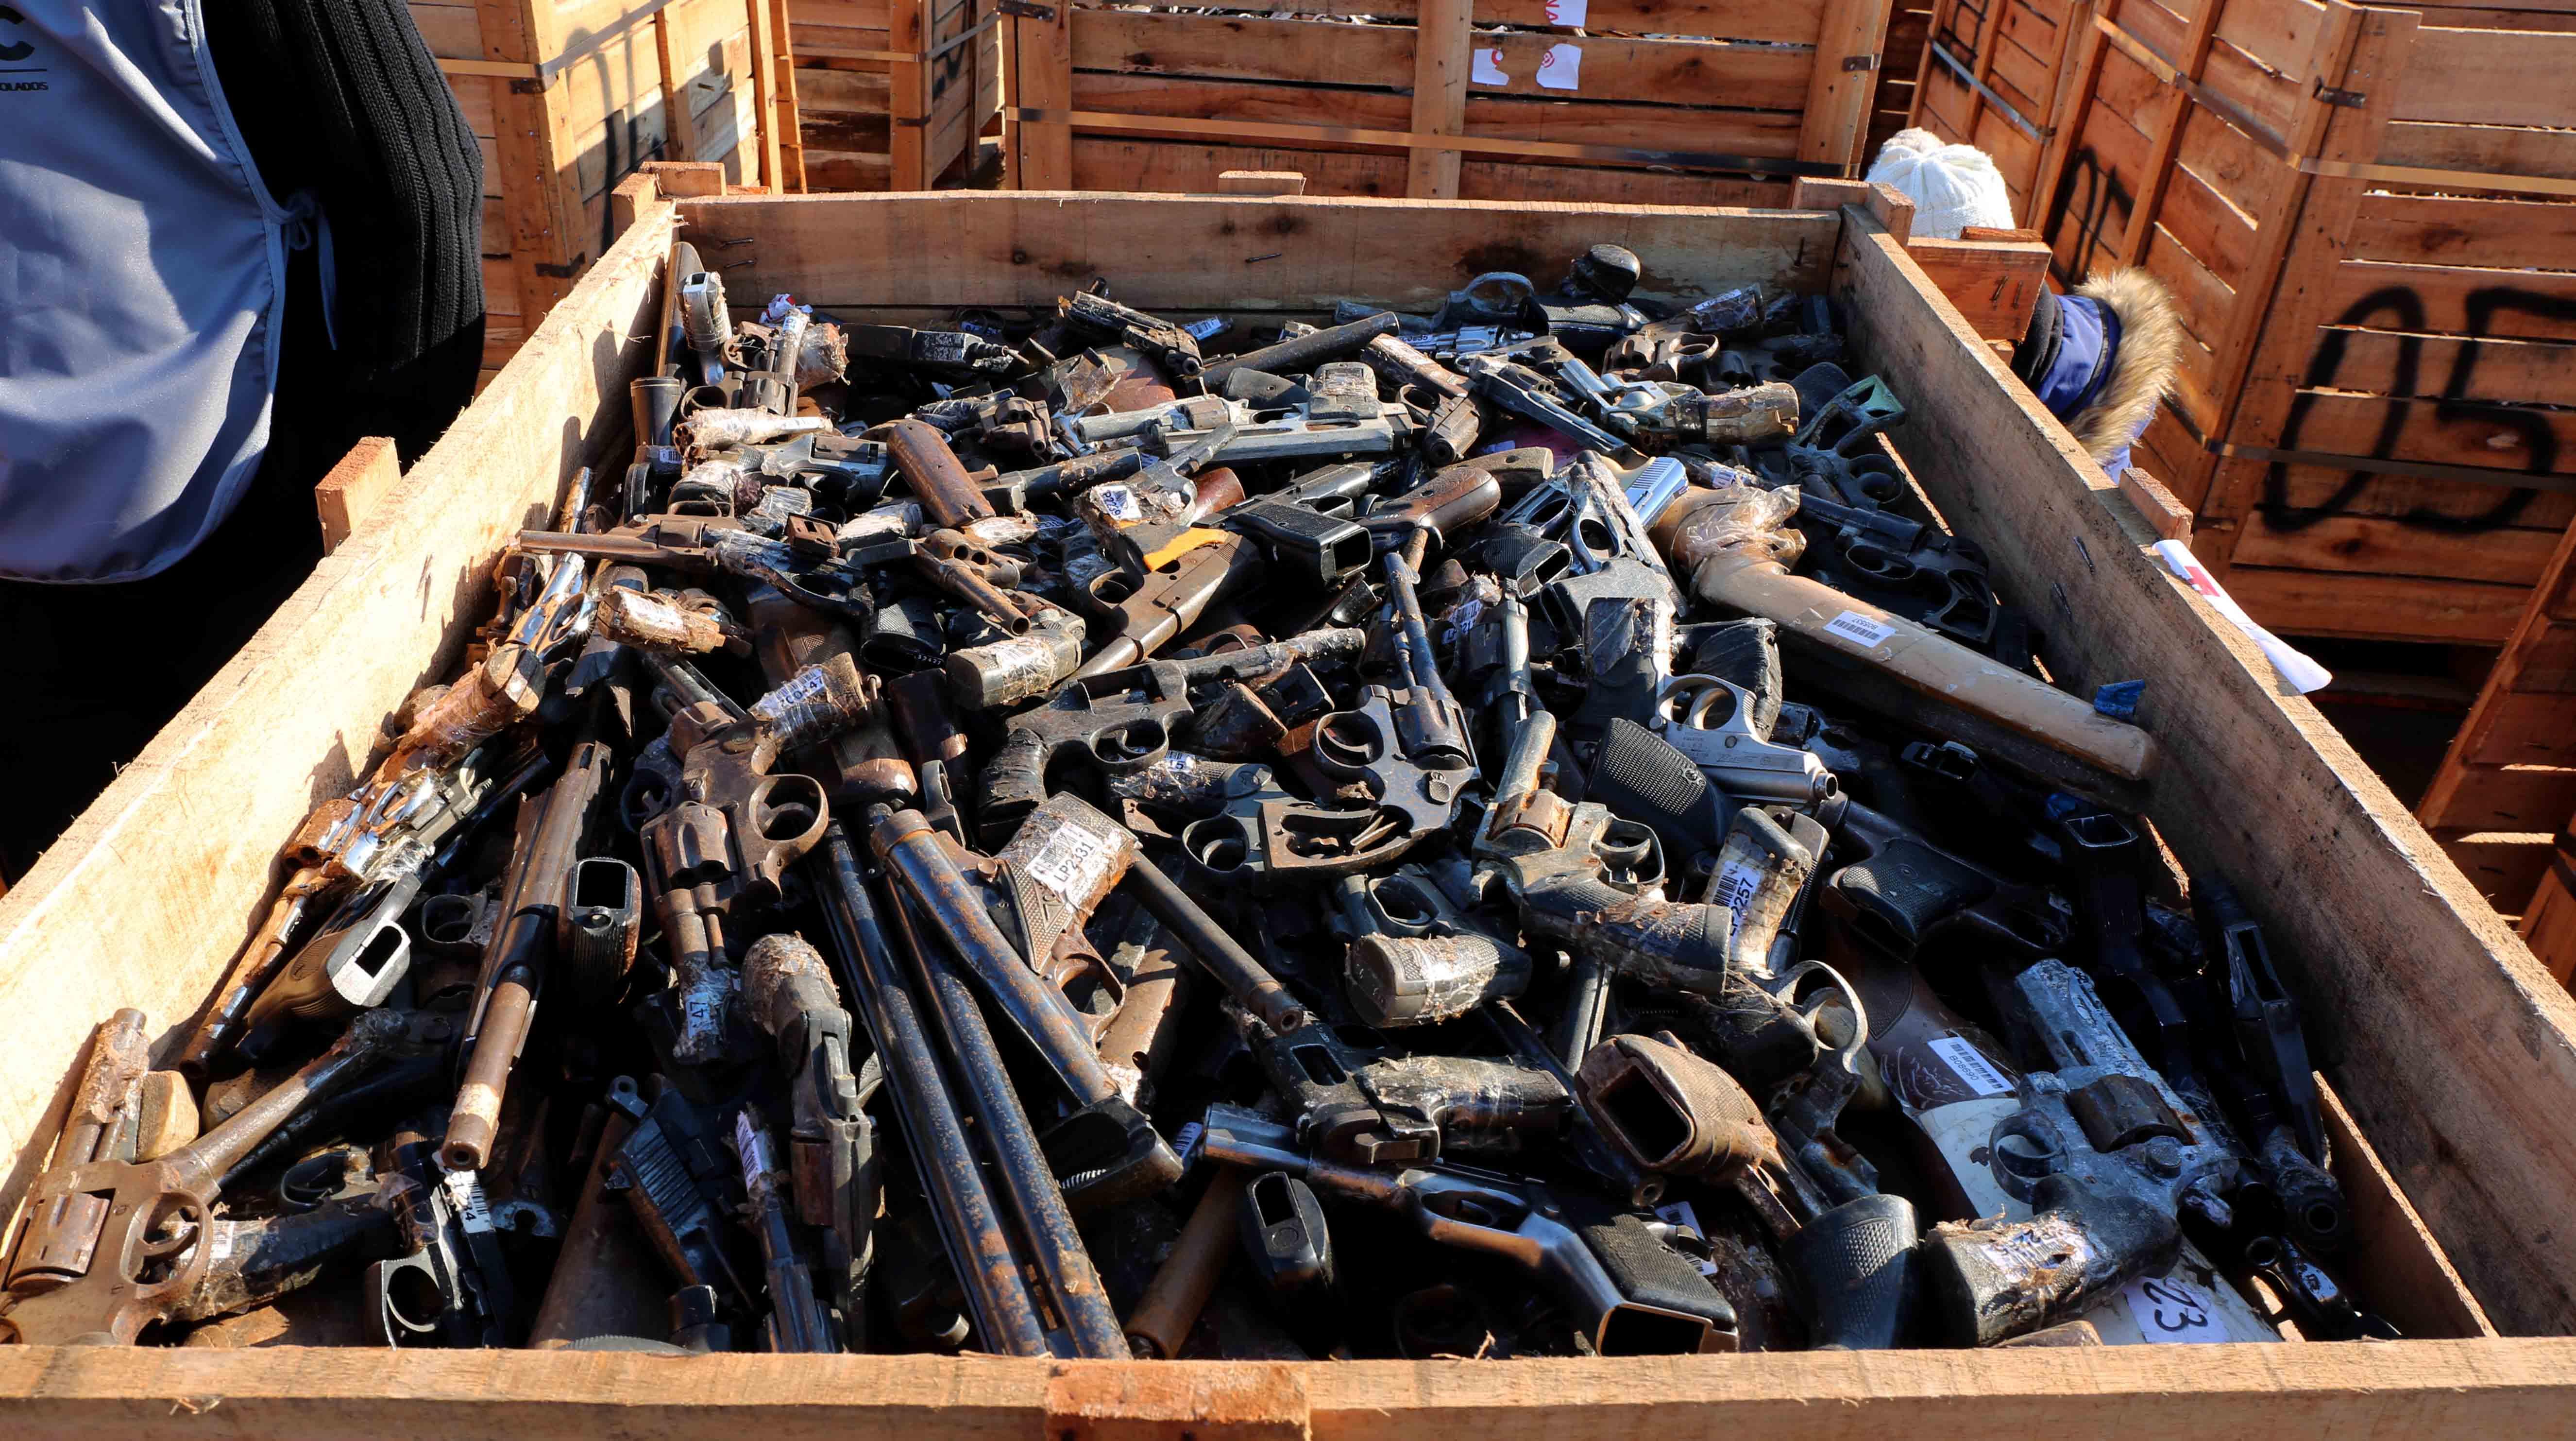 Destrucción armas (Crédito foto Matías Gontán)